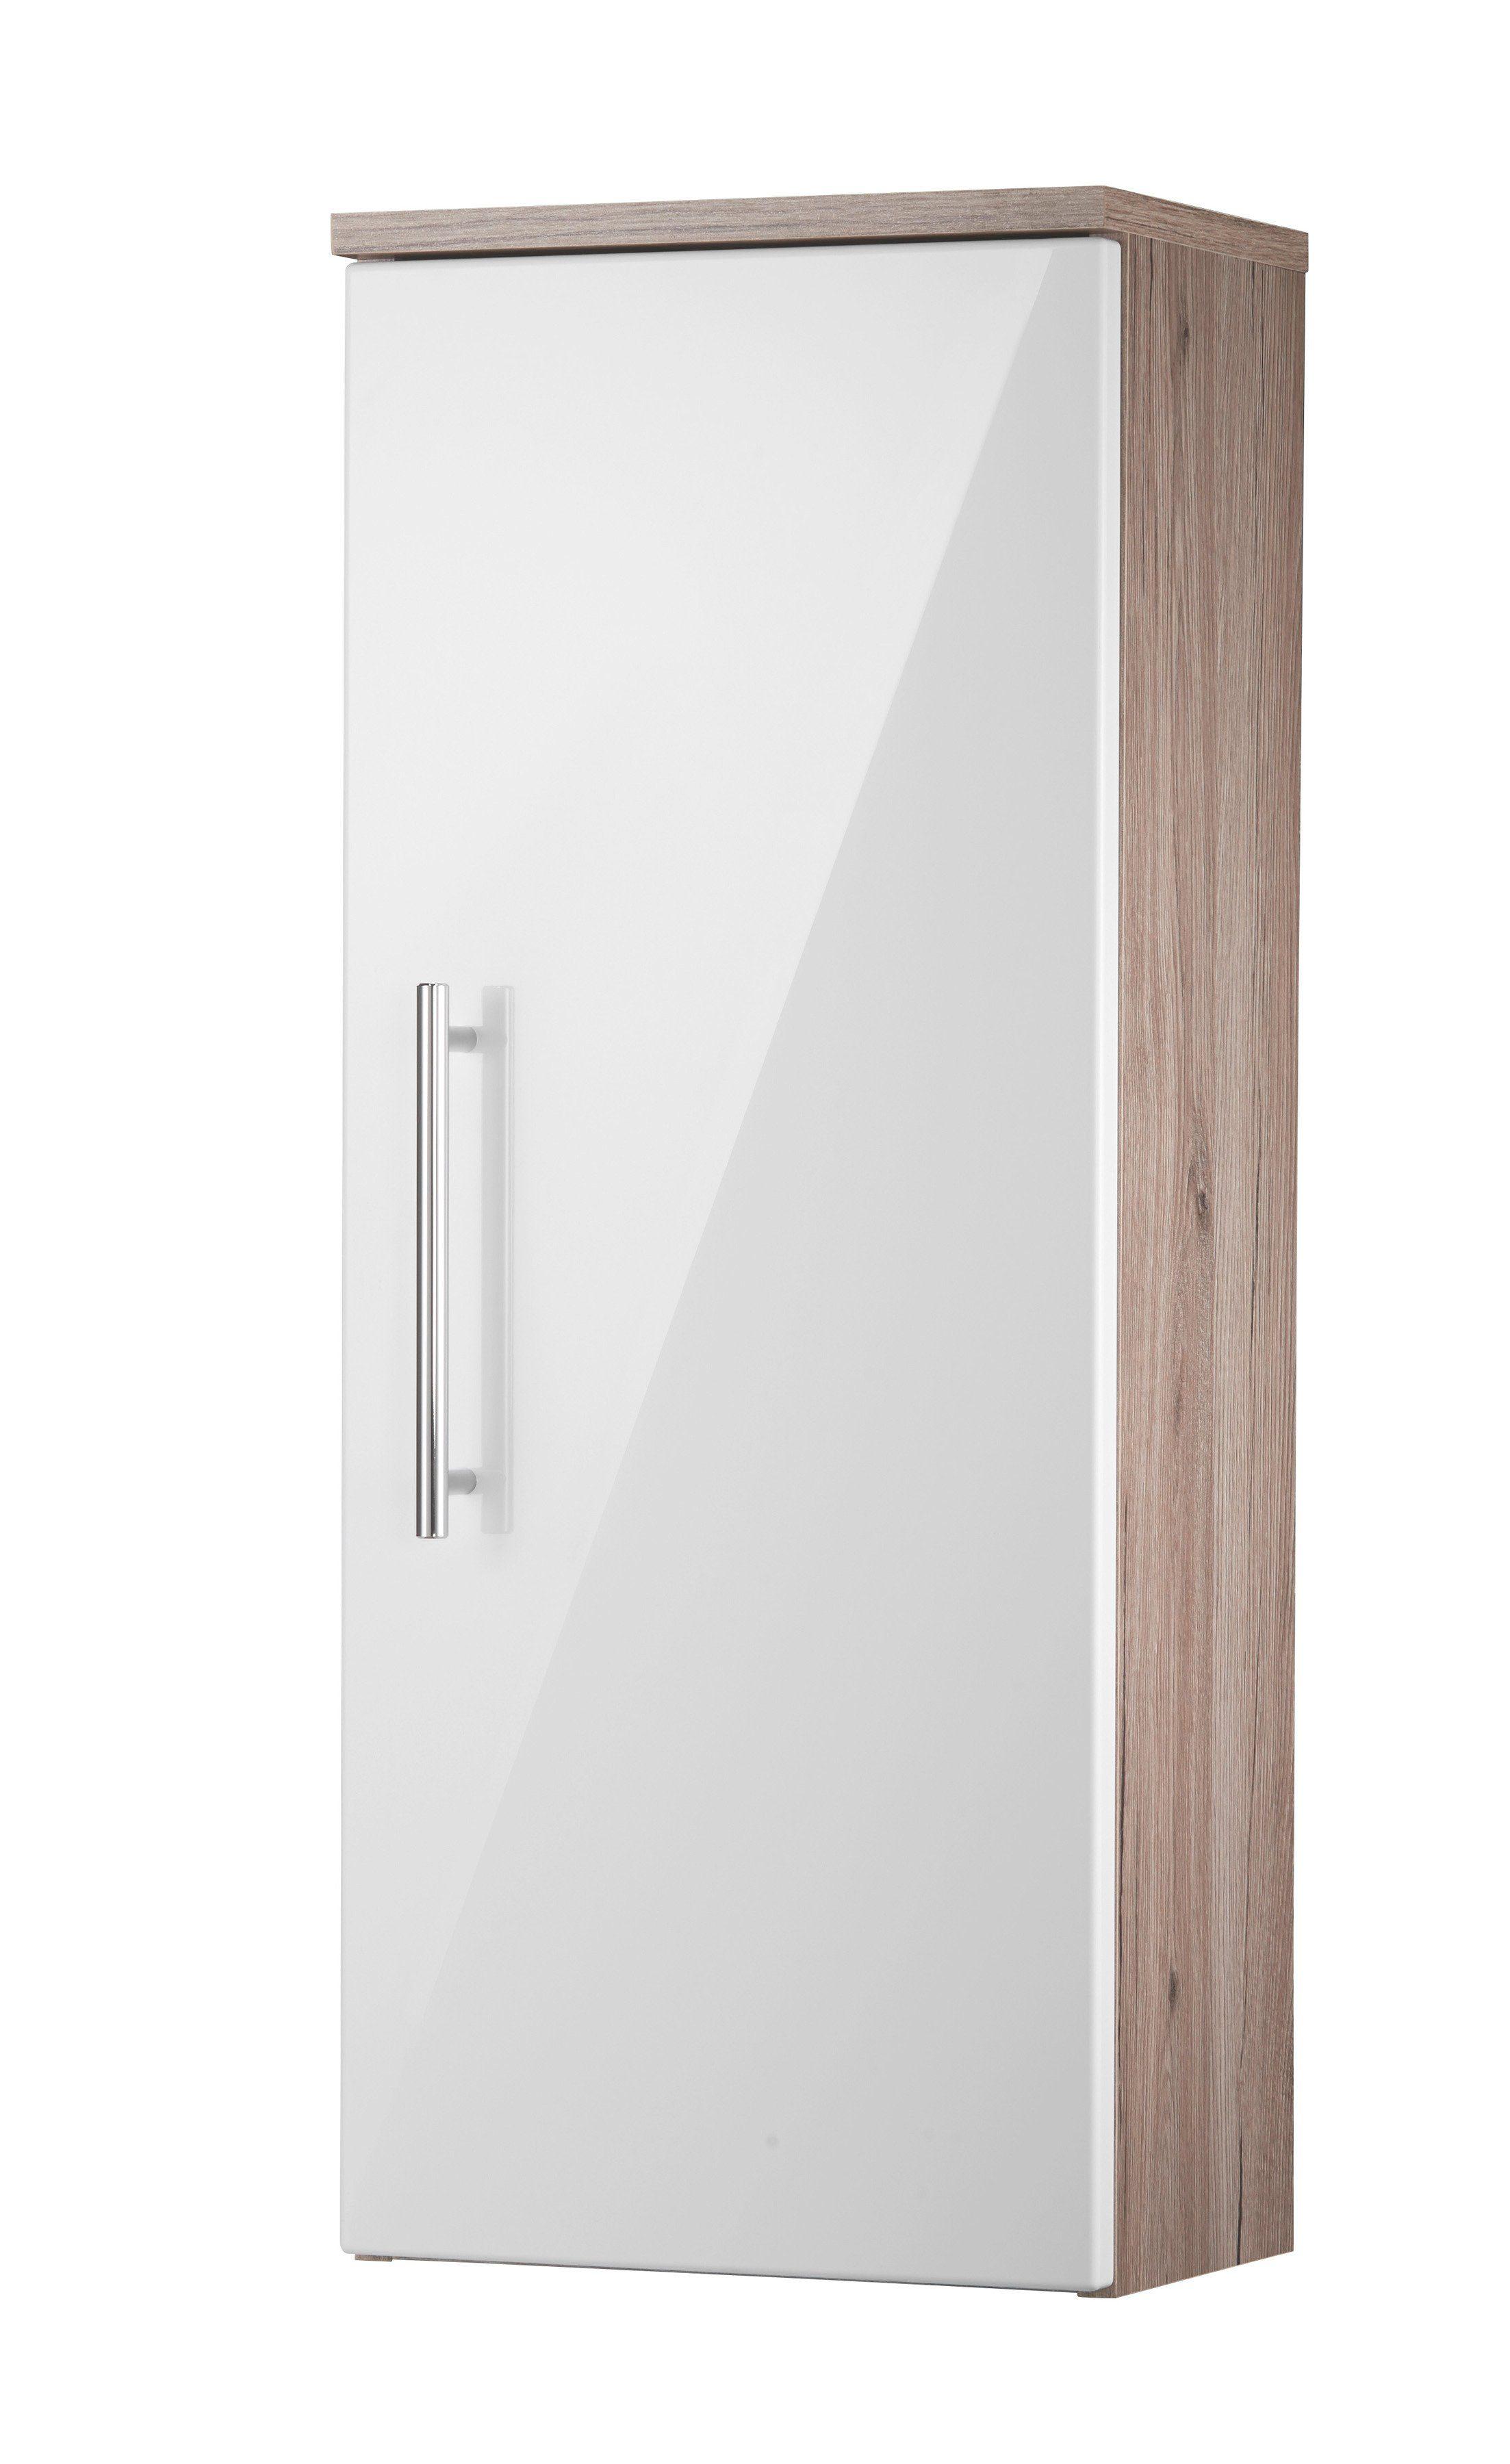 Kesper Hängeschrank »Toskana«, Breite 30 cm